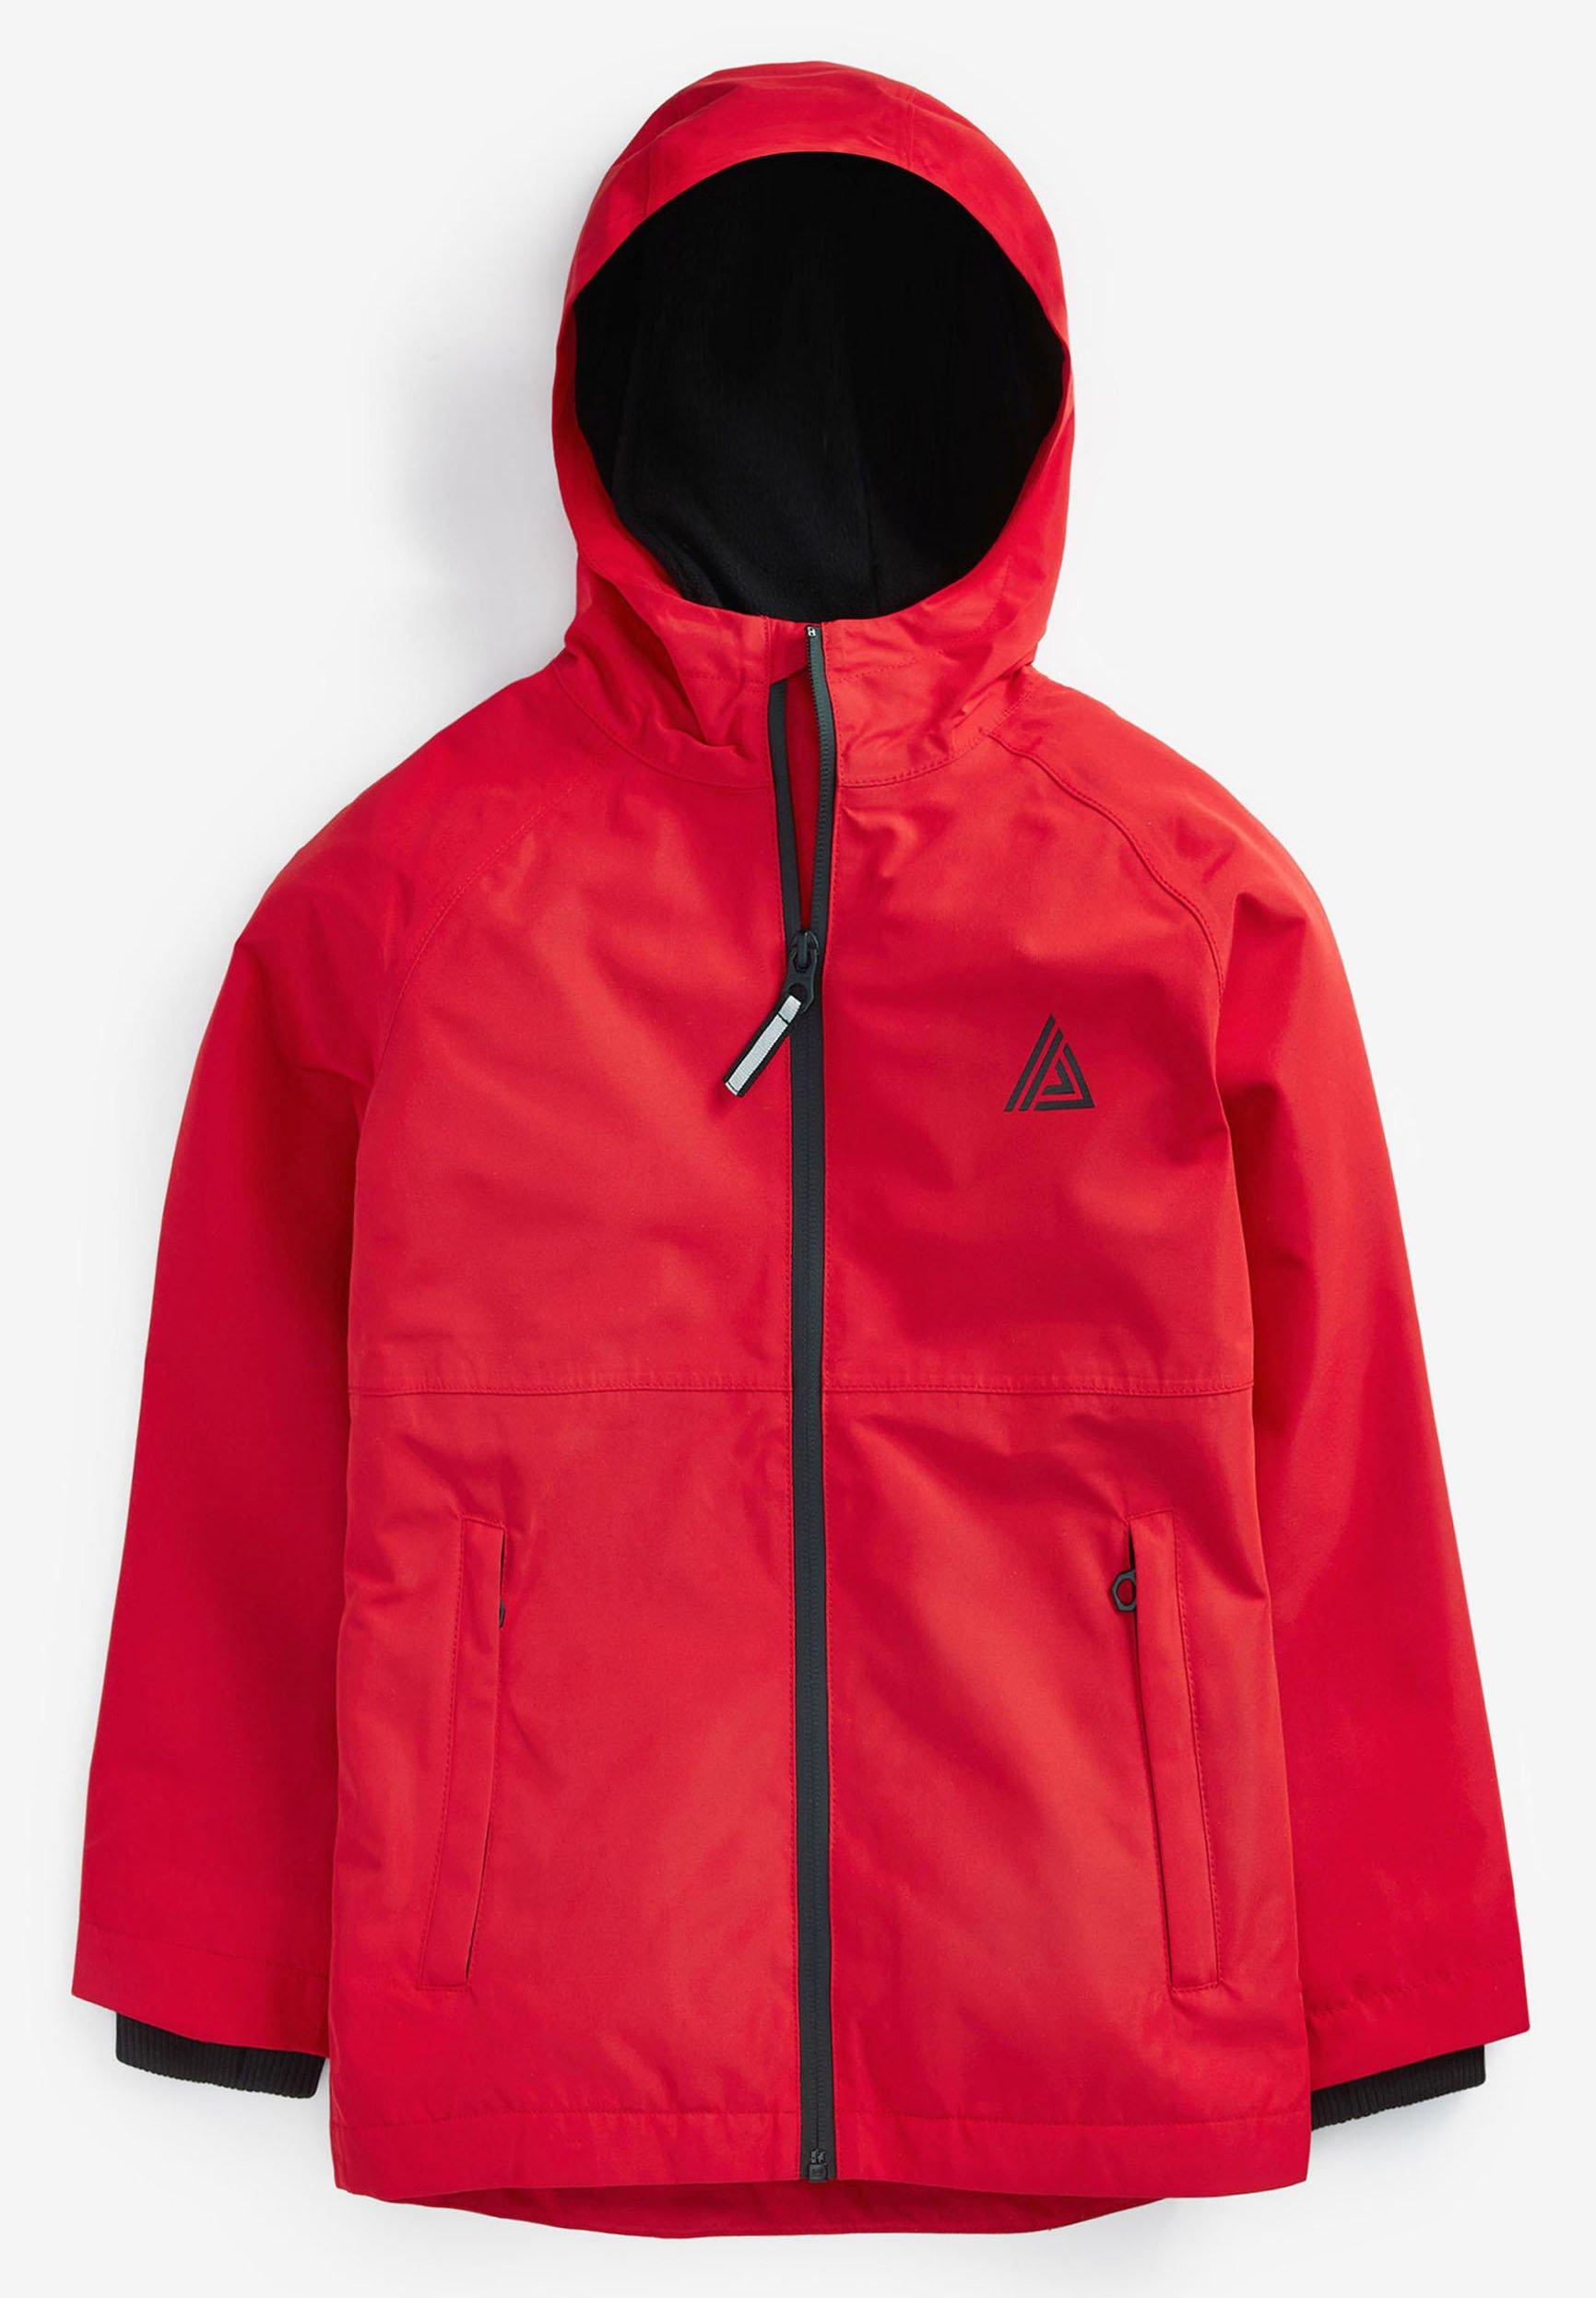 Kinder FULLY - Regenjacke / wasserabweisende Jacke